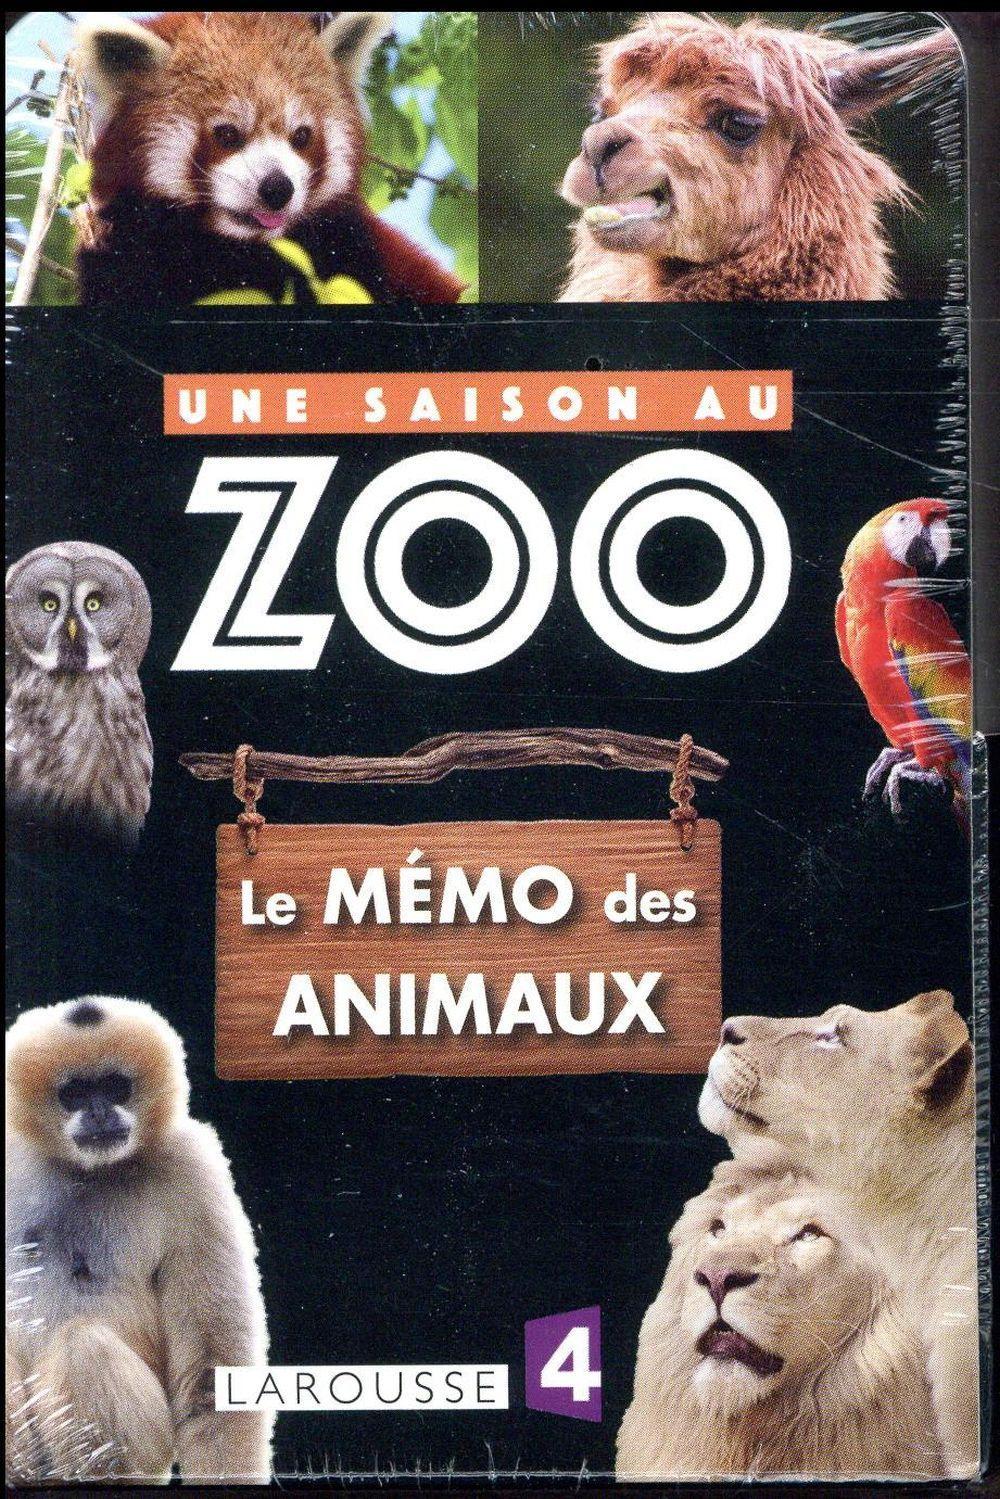 Une Saison Au Zoo Le Memo Des Animaux Collectif Livre